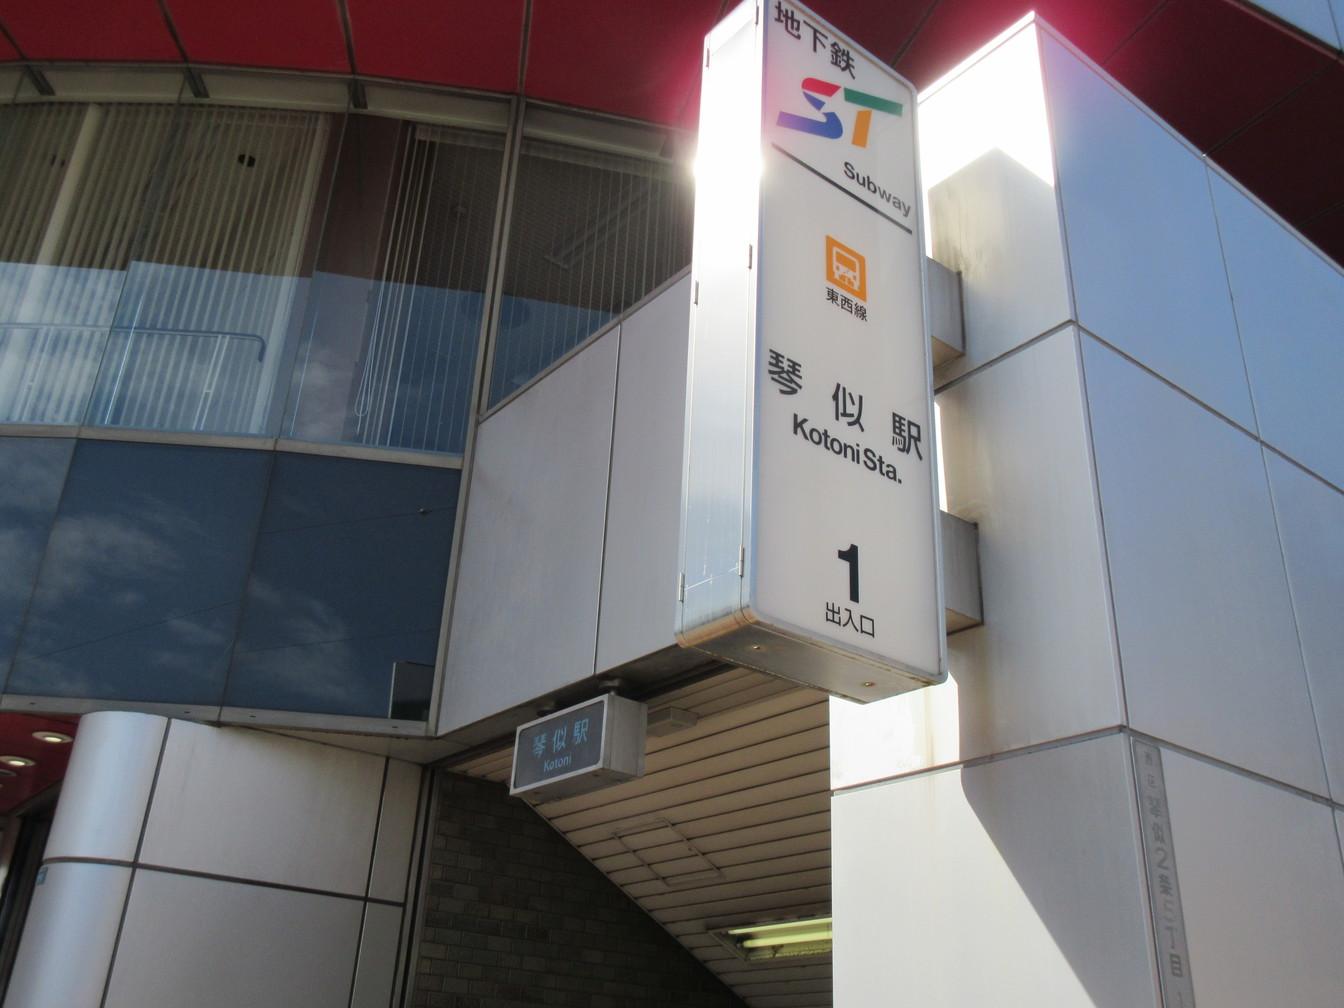 《禁煙》全室バス・トイレ別!全室22平米以上の広いお部屋でゆったりSTAY【素泊り】